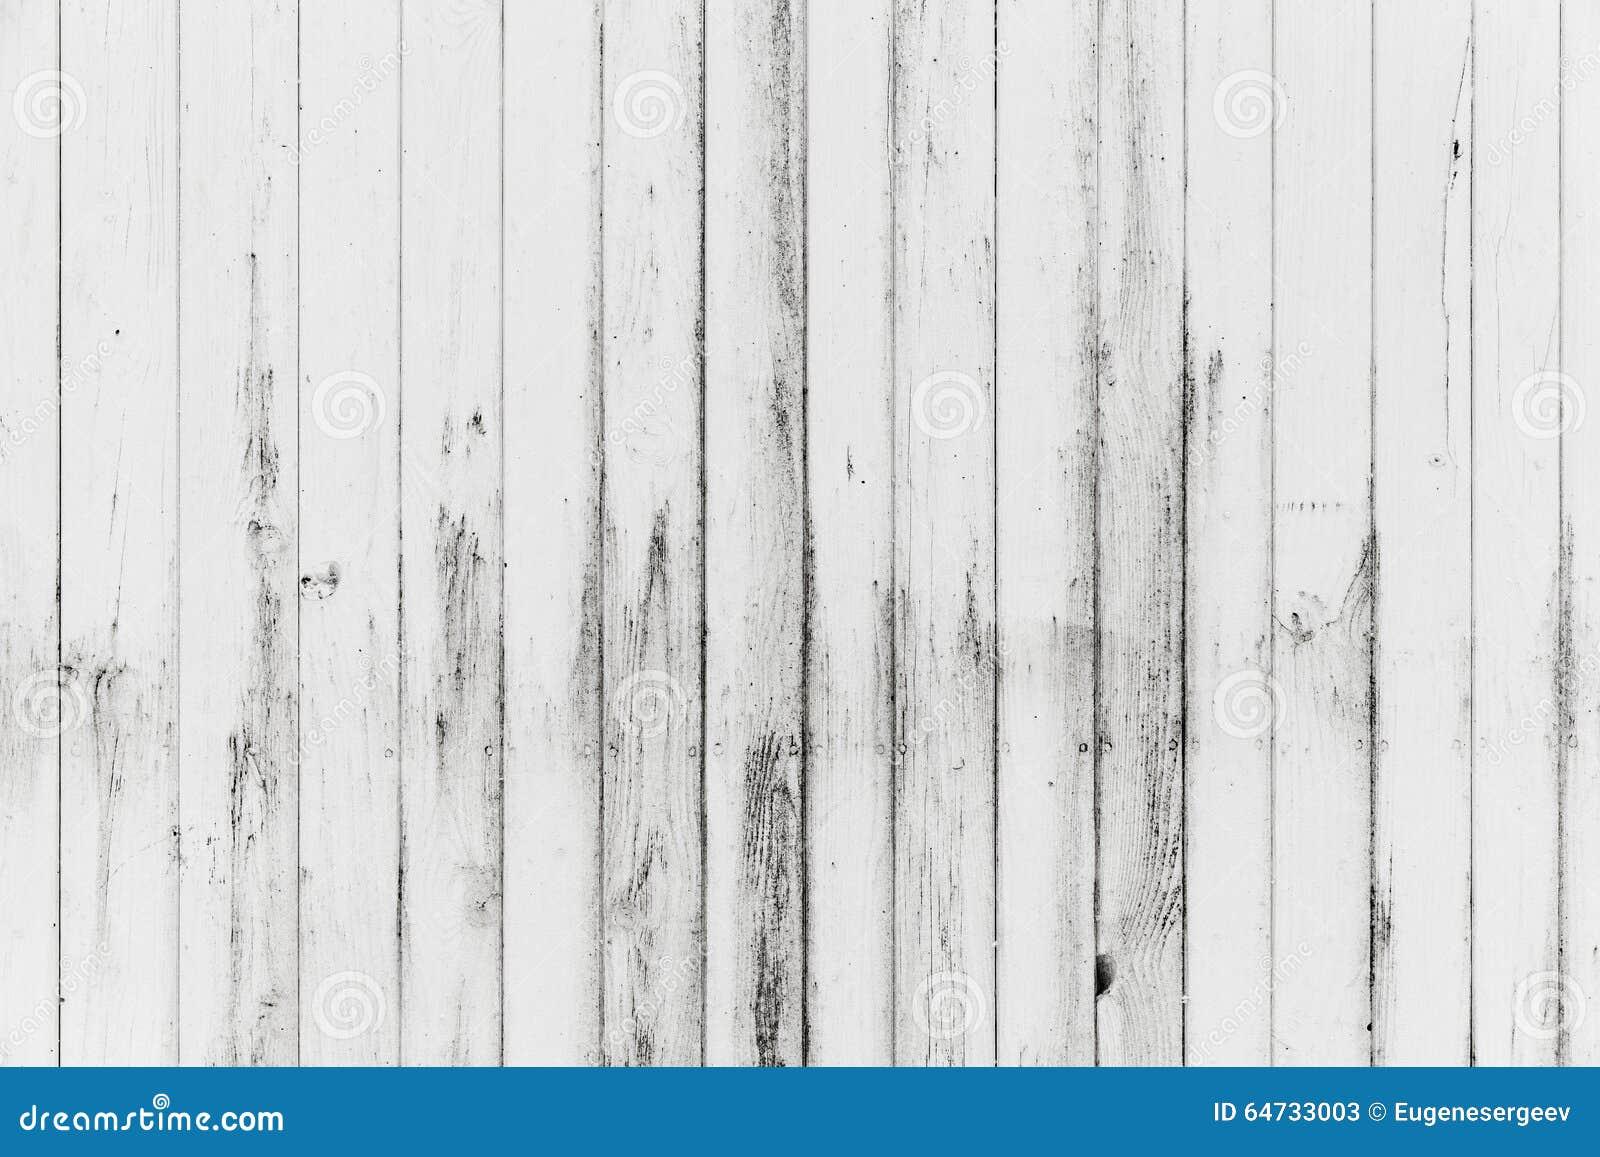 Mur en bois blanc peinture sale texture de fond photo for Peinture mur blanc